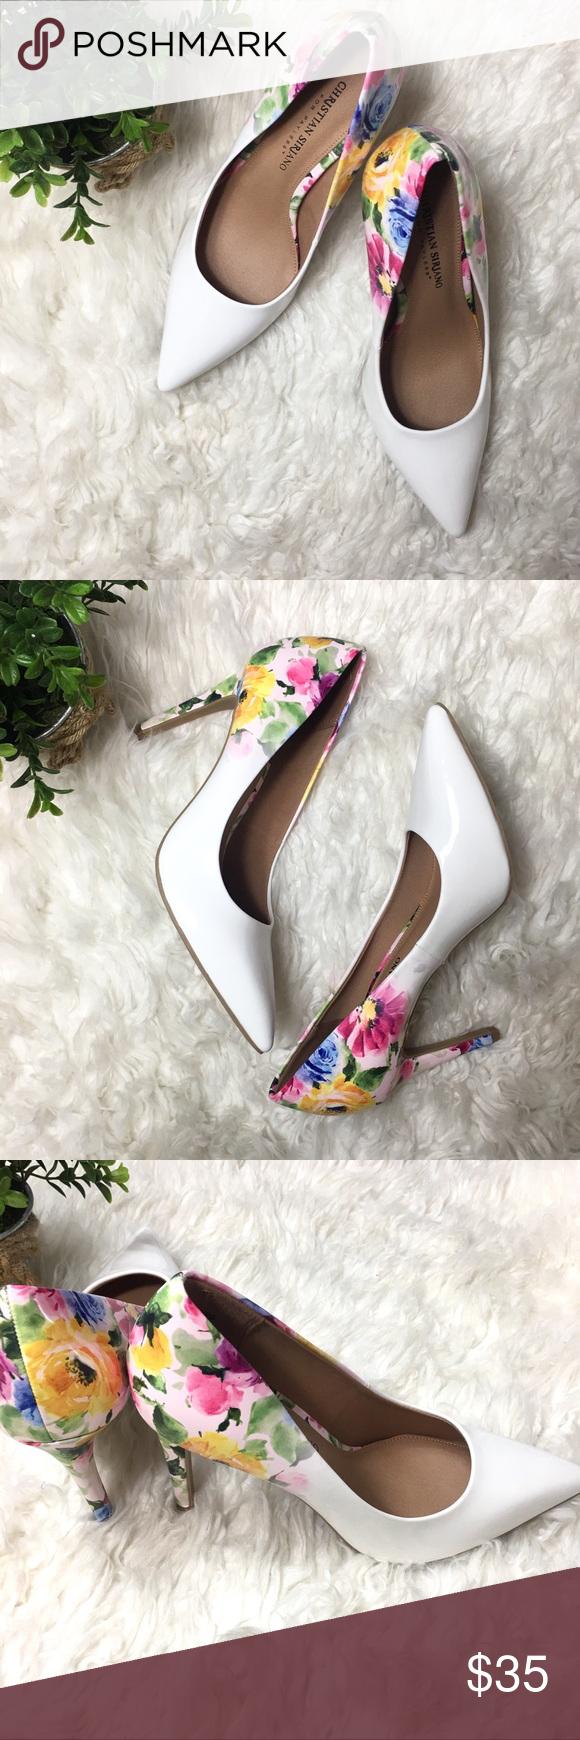 Floral pumps, Pump shoes